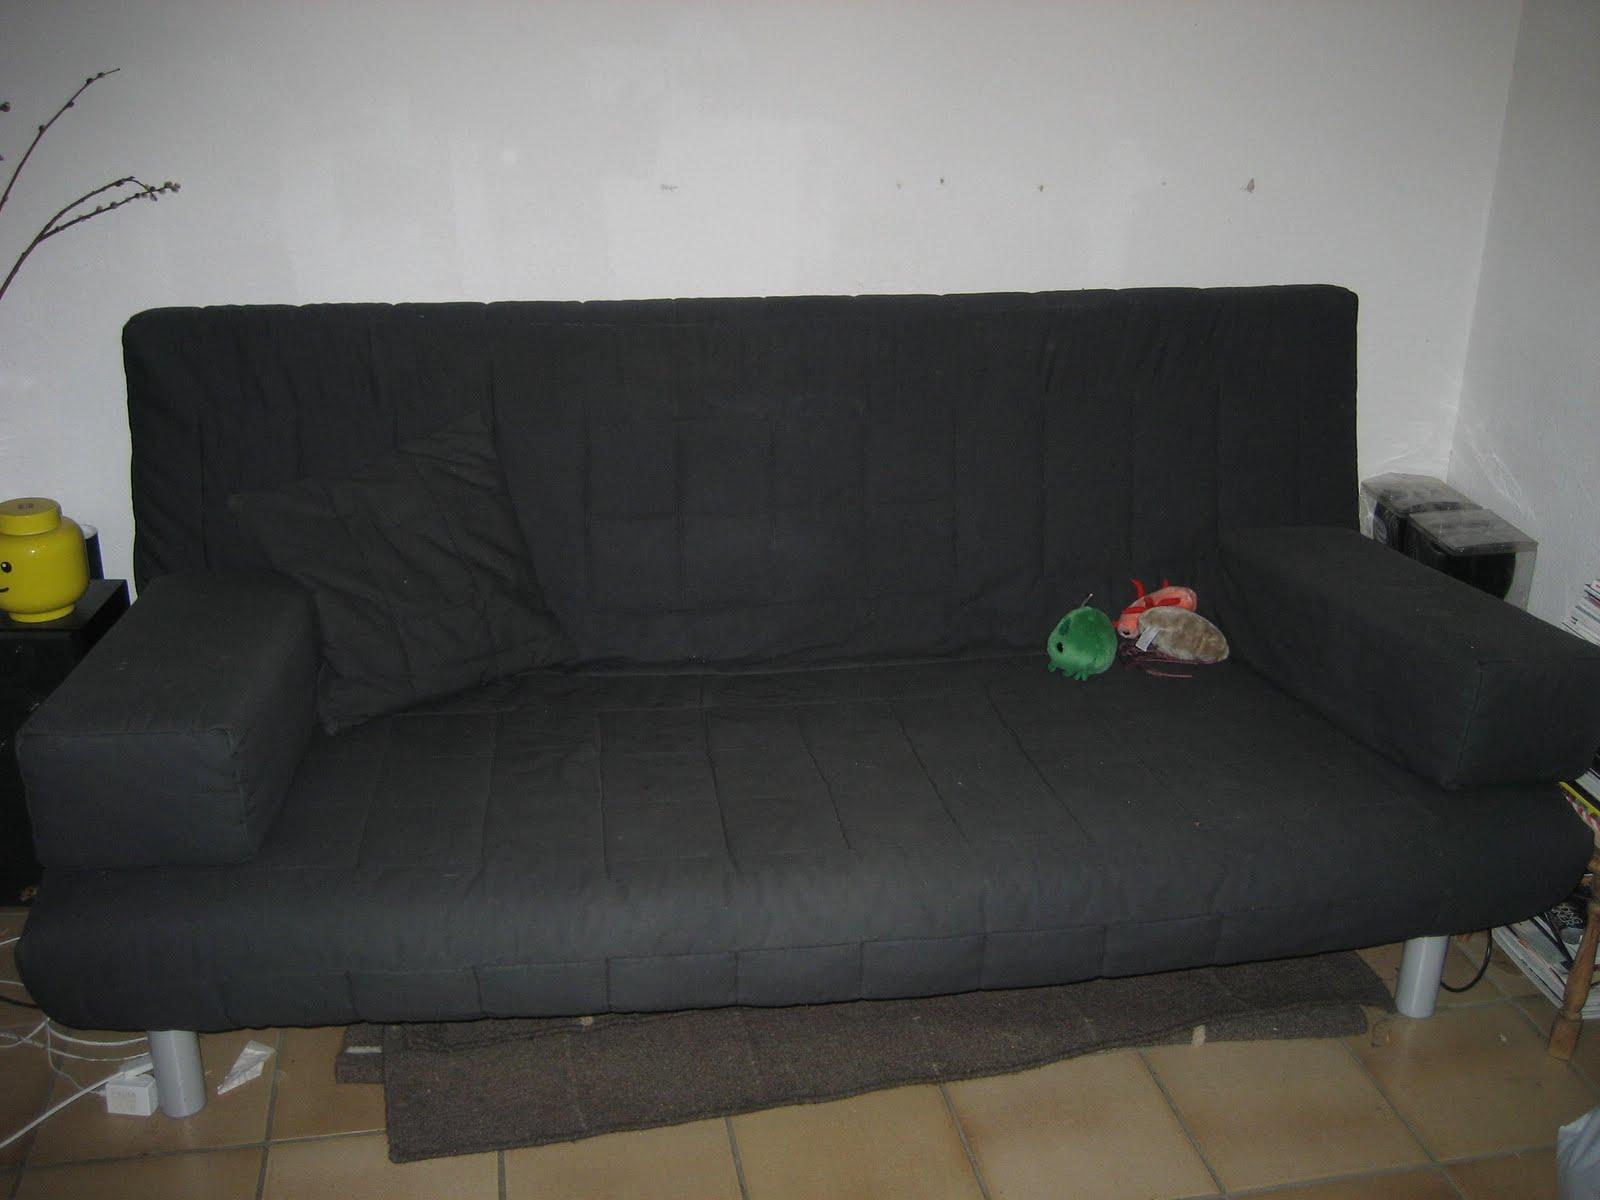 havet sofa bed sofa beds. Black Bedroom Furniture Sets. Home Design Ideas